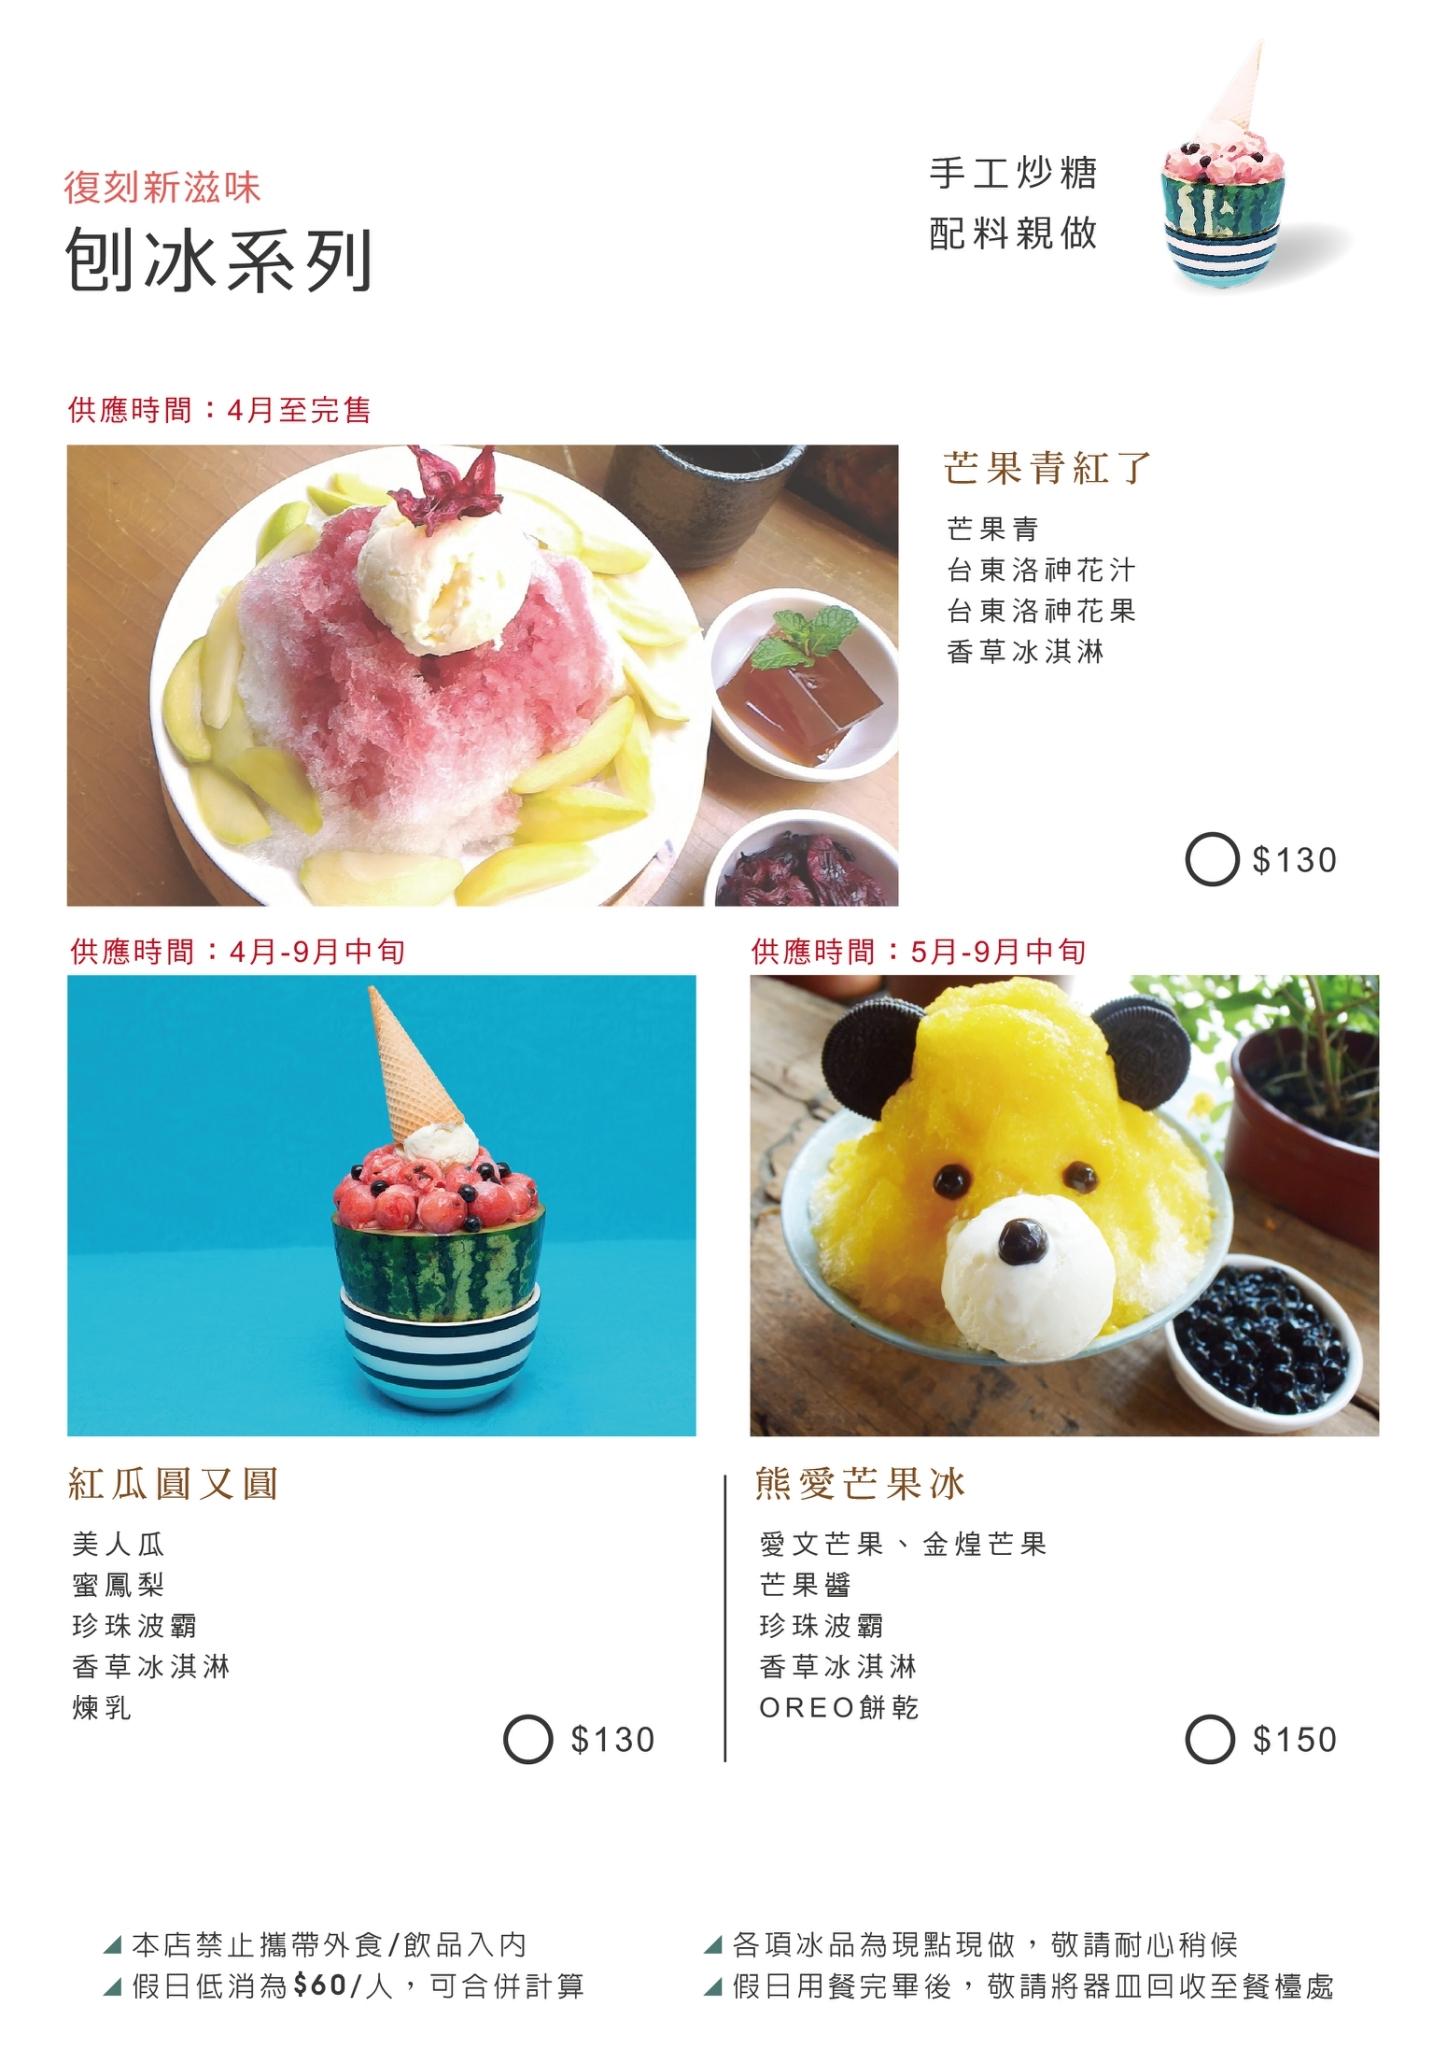 新南五五製冰所 菜單 台中大里冰店06